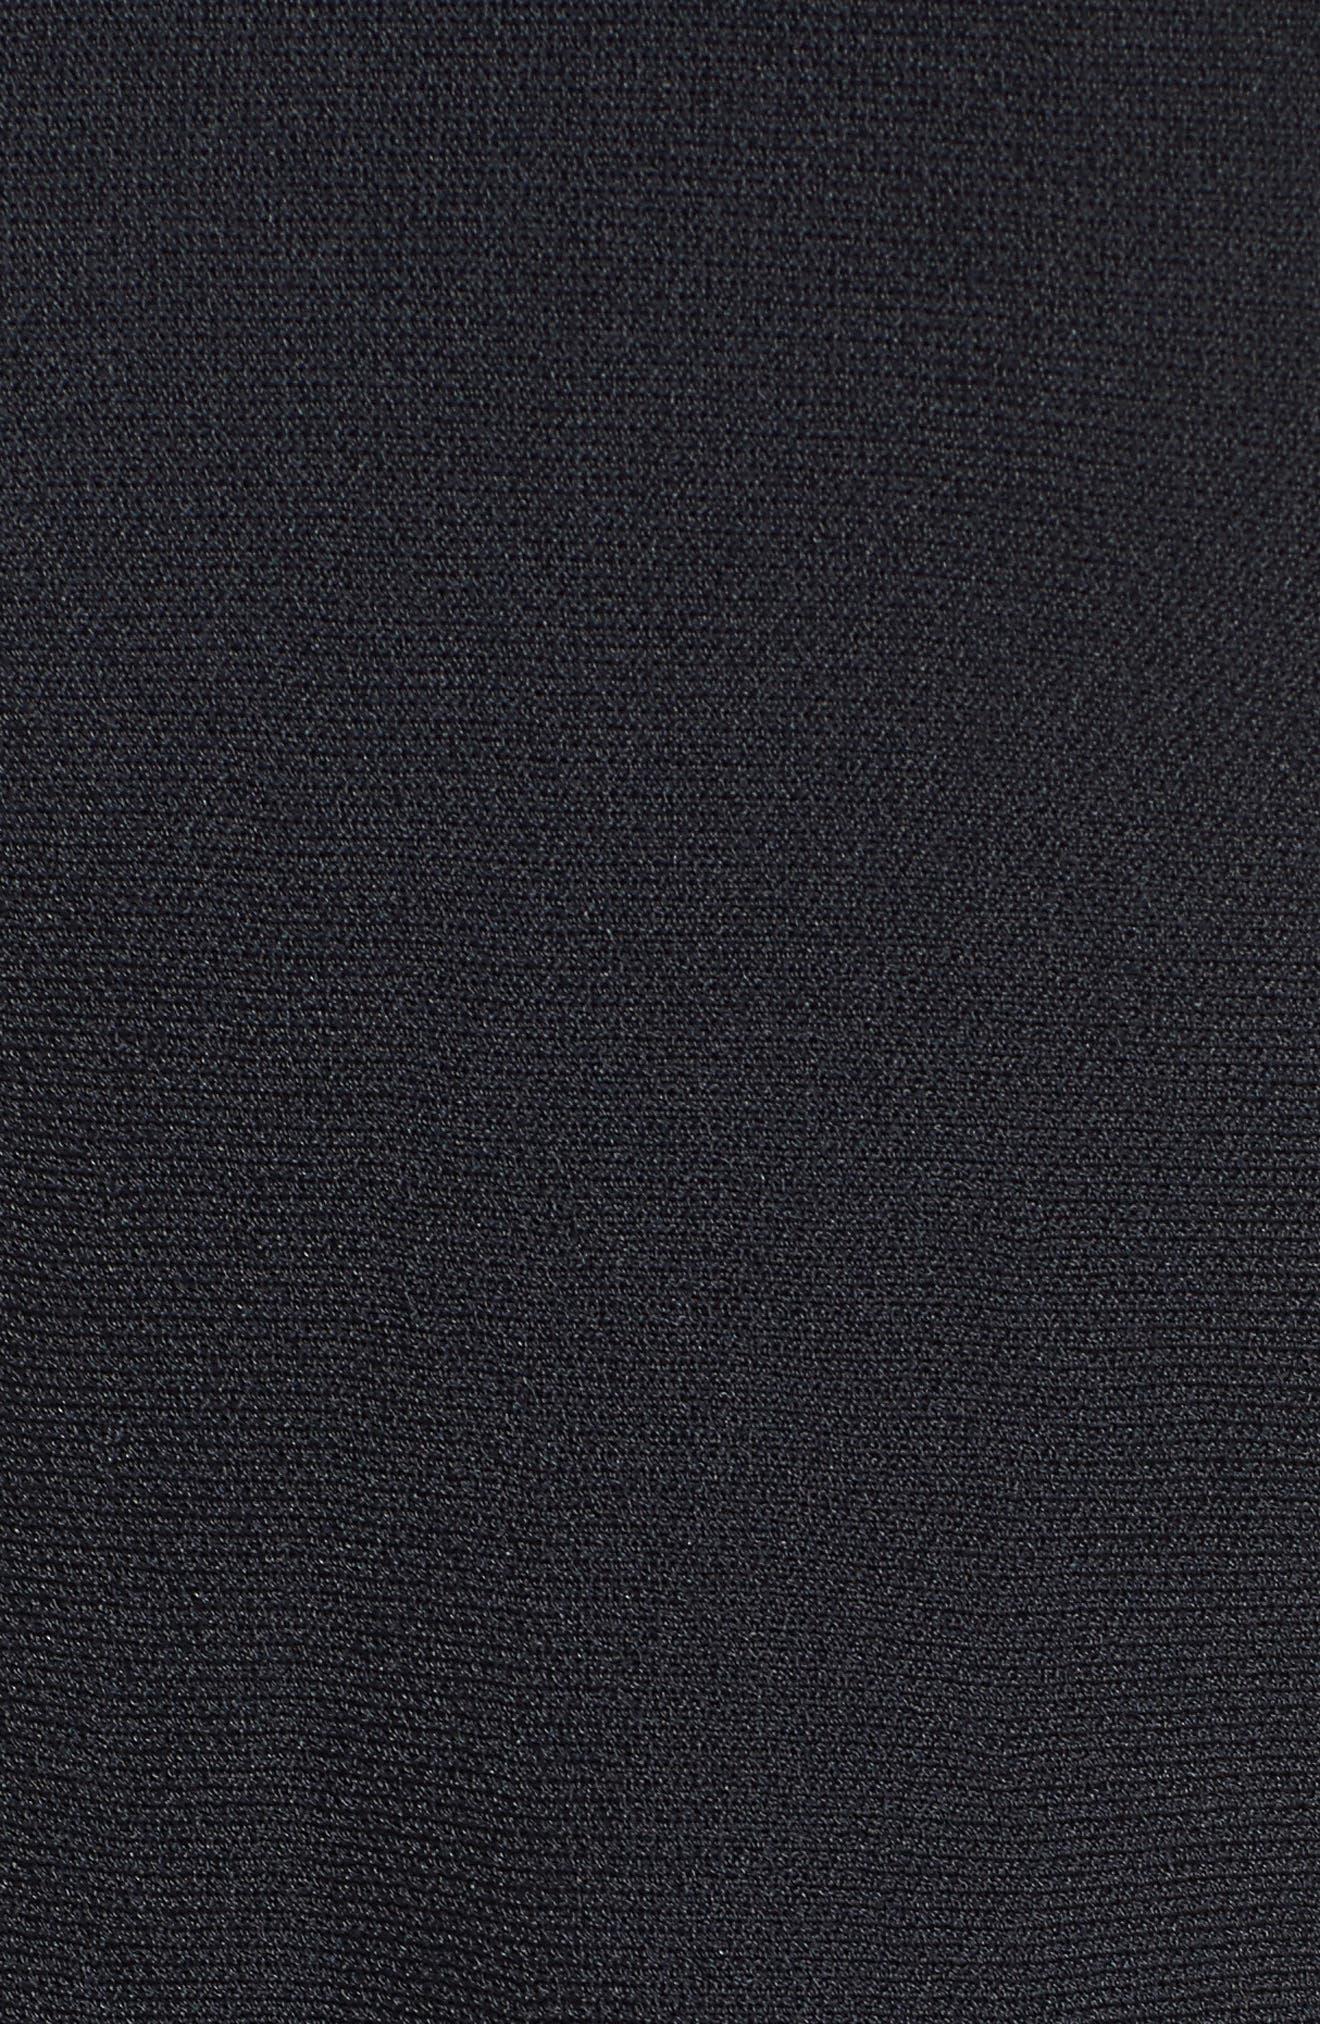 Illusion Yoke Fit & Flare Dress,                             Alternate thumbnail 5, color,                             001